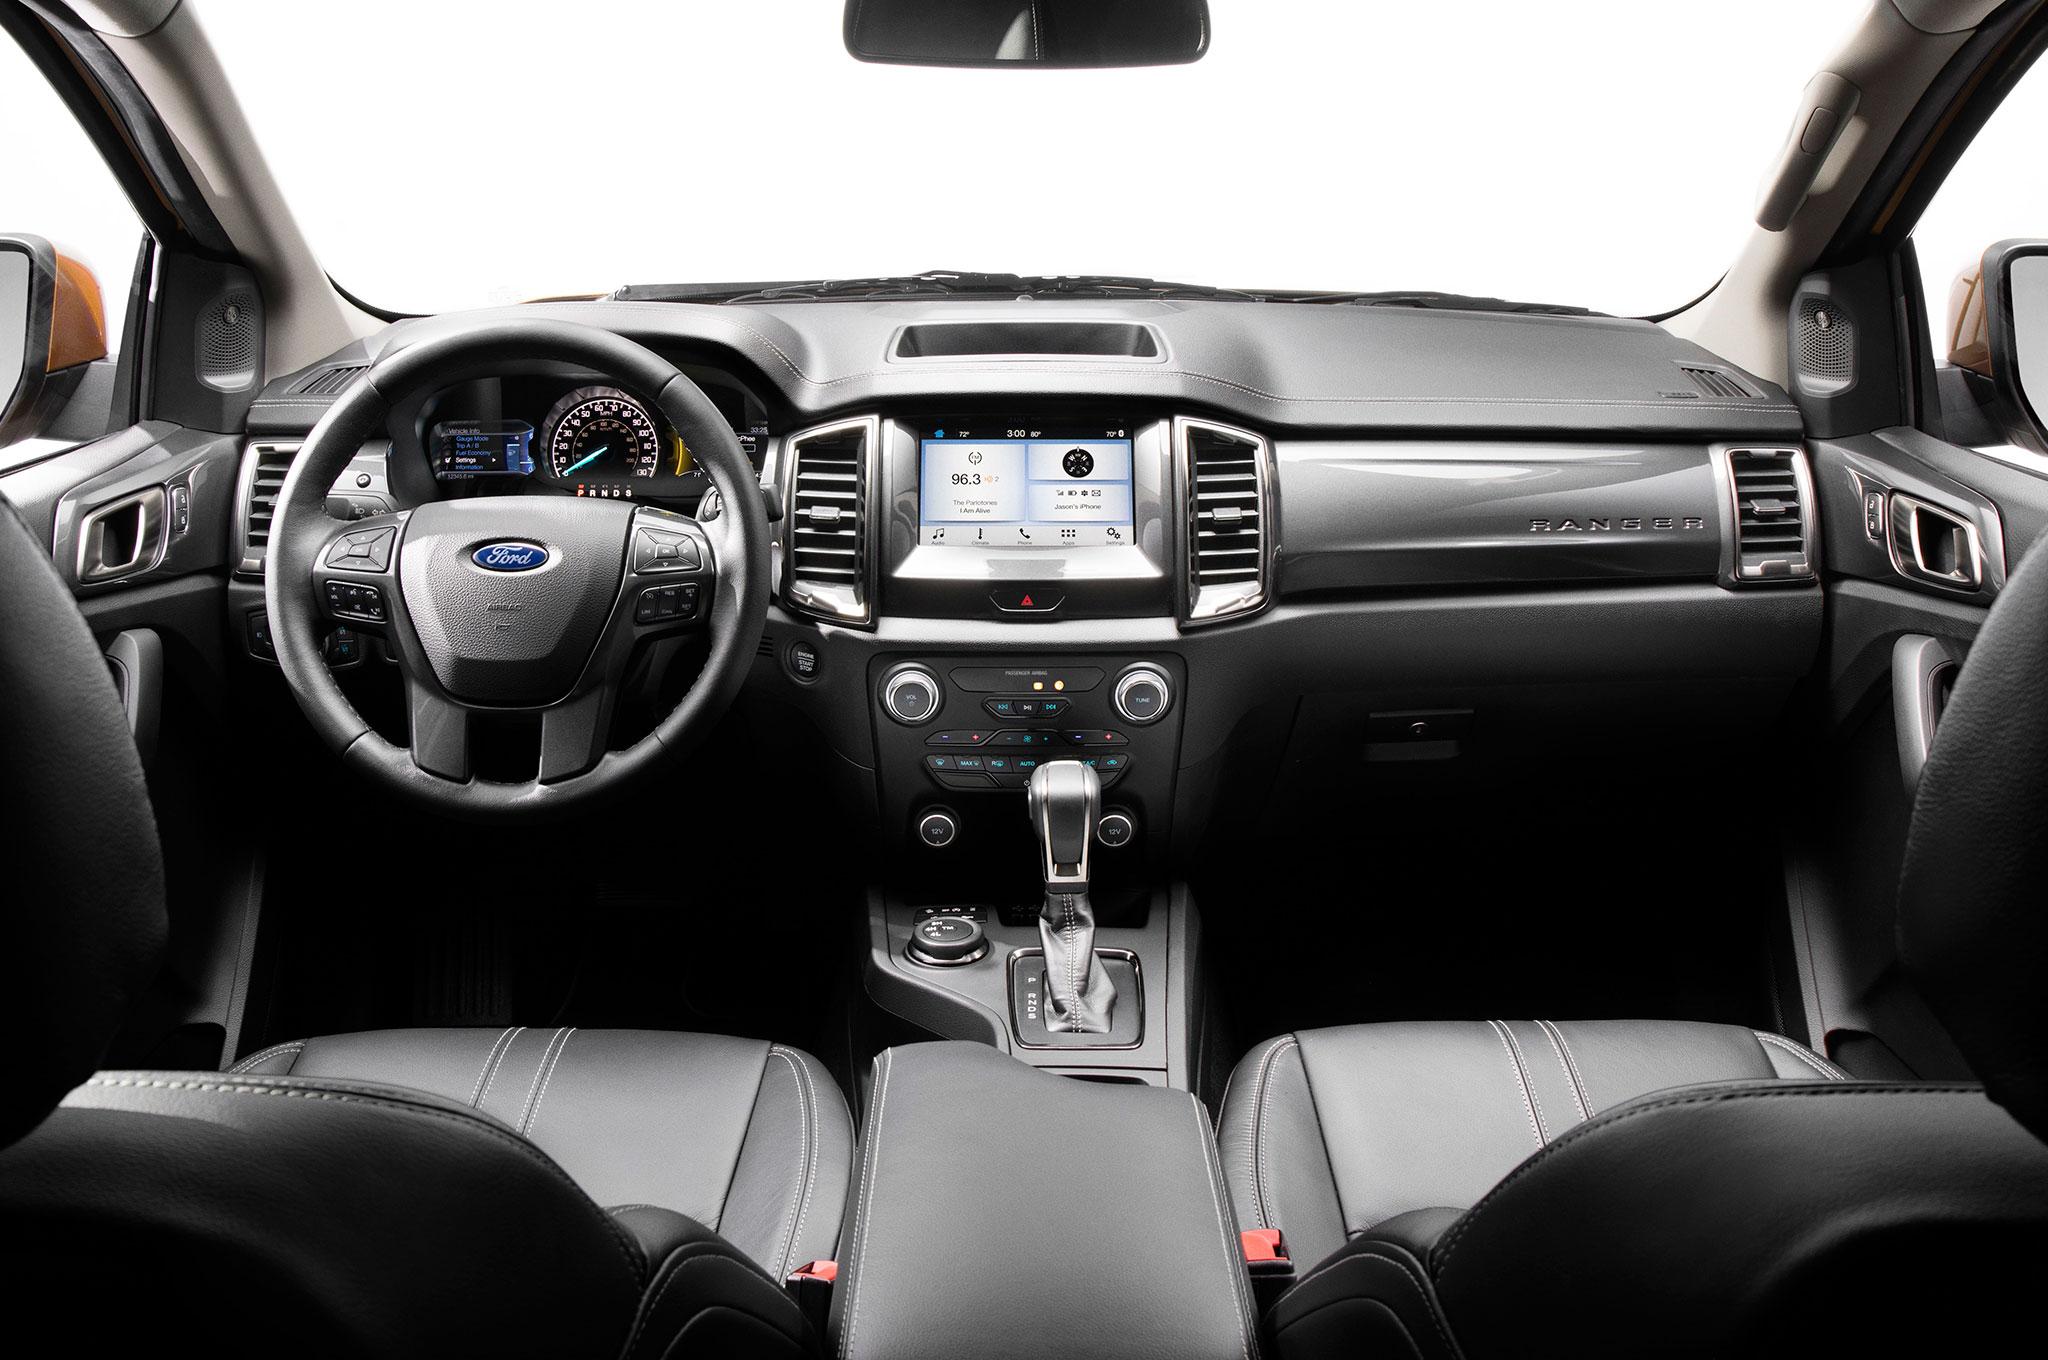 ford ranger facelift interior stunning ford ranger photo with ford ranger facelift interior. Black Bedroom Furniture Sets. Home Design Ideas